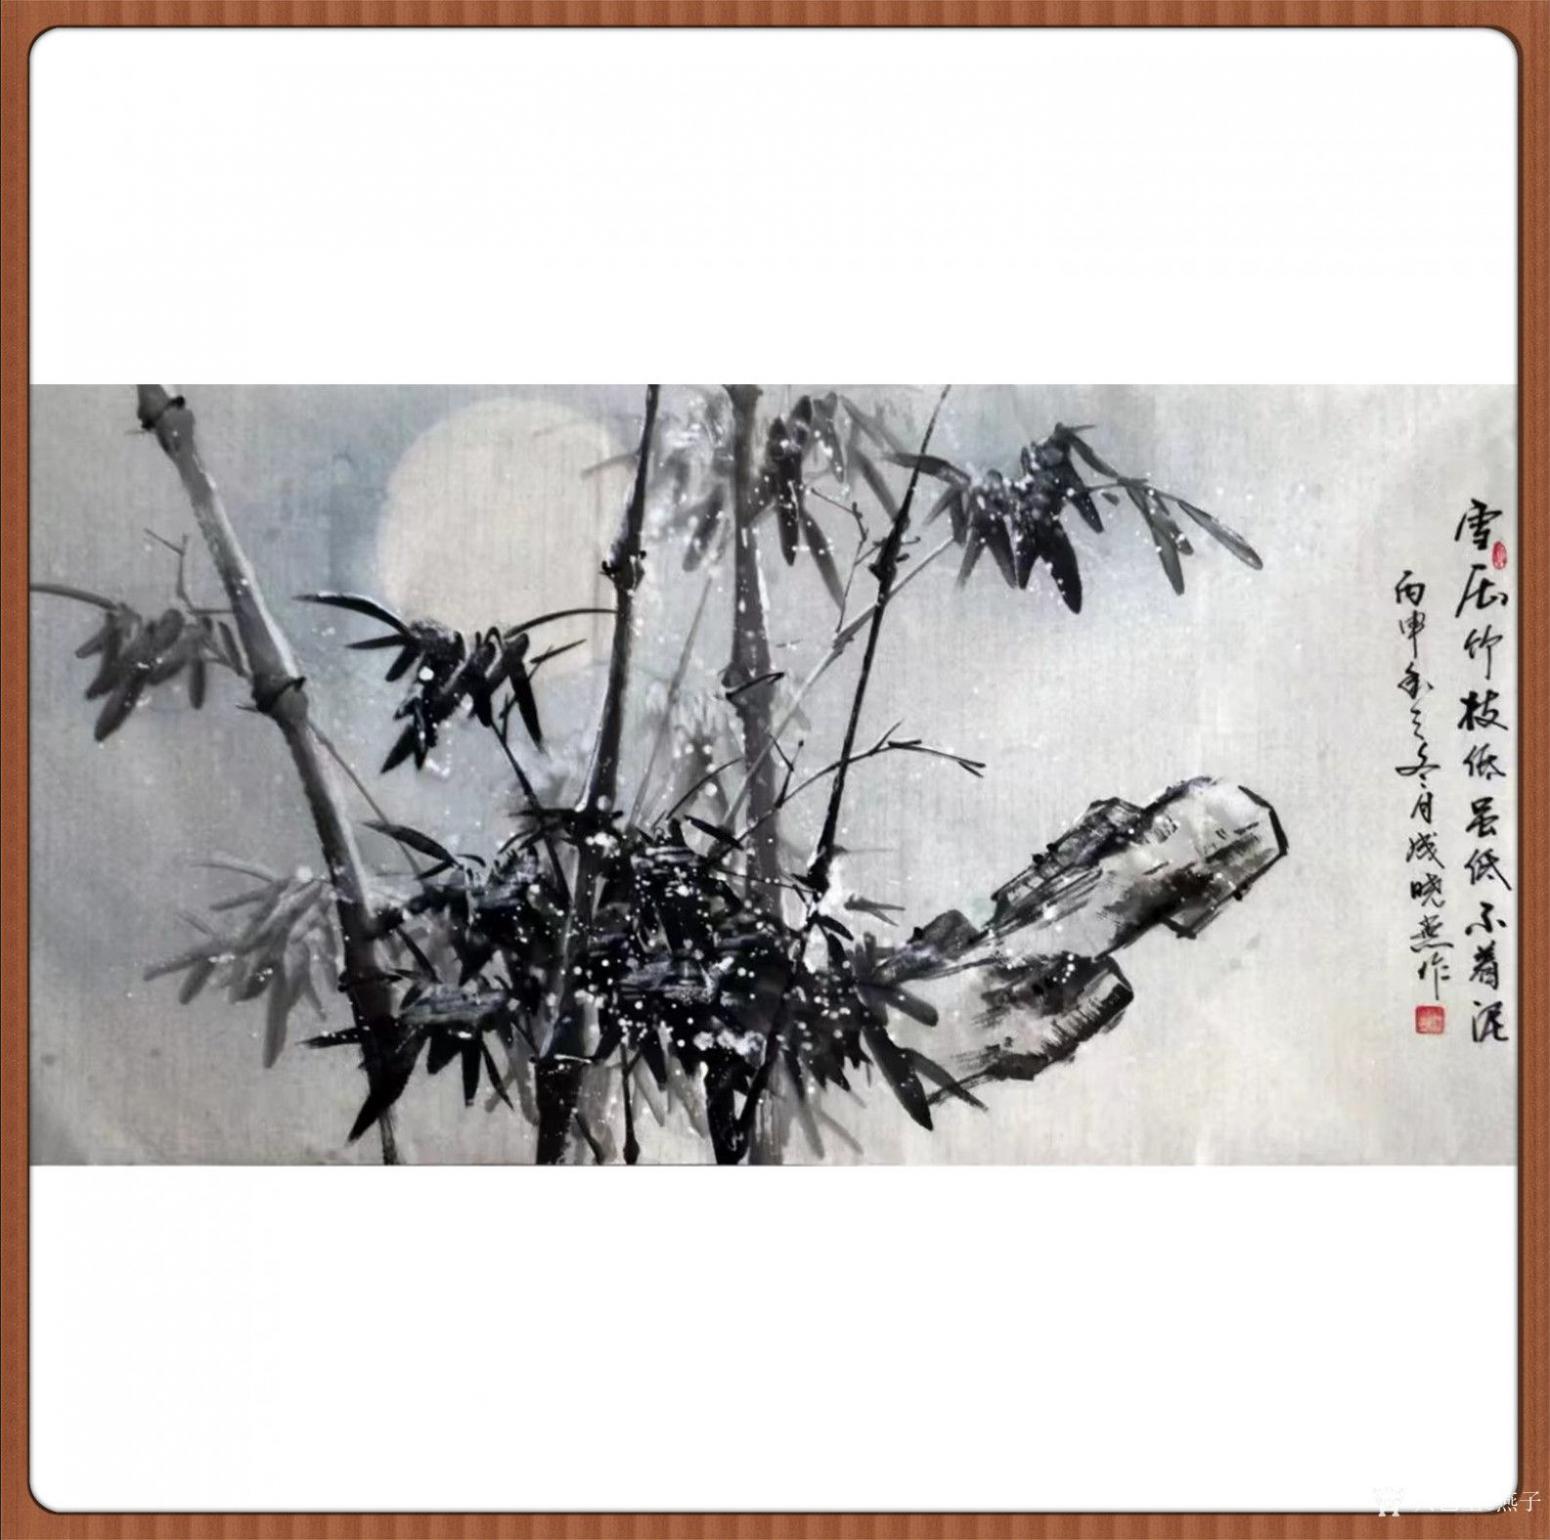 成晓燕国画作品《雪压竹枝低虽低不着泥》【图3】